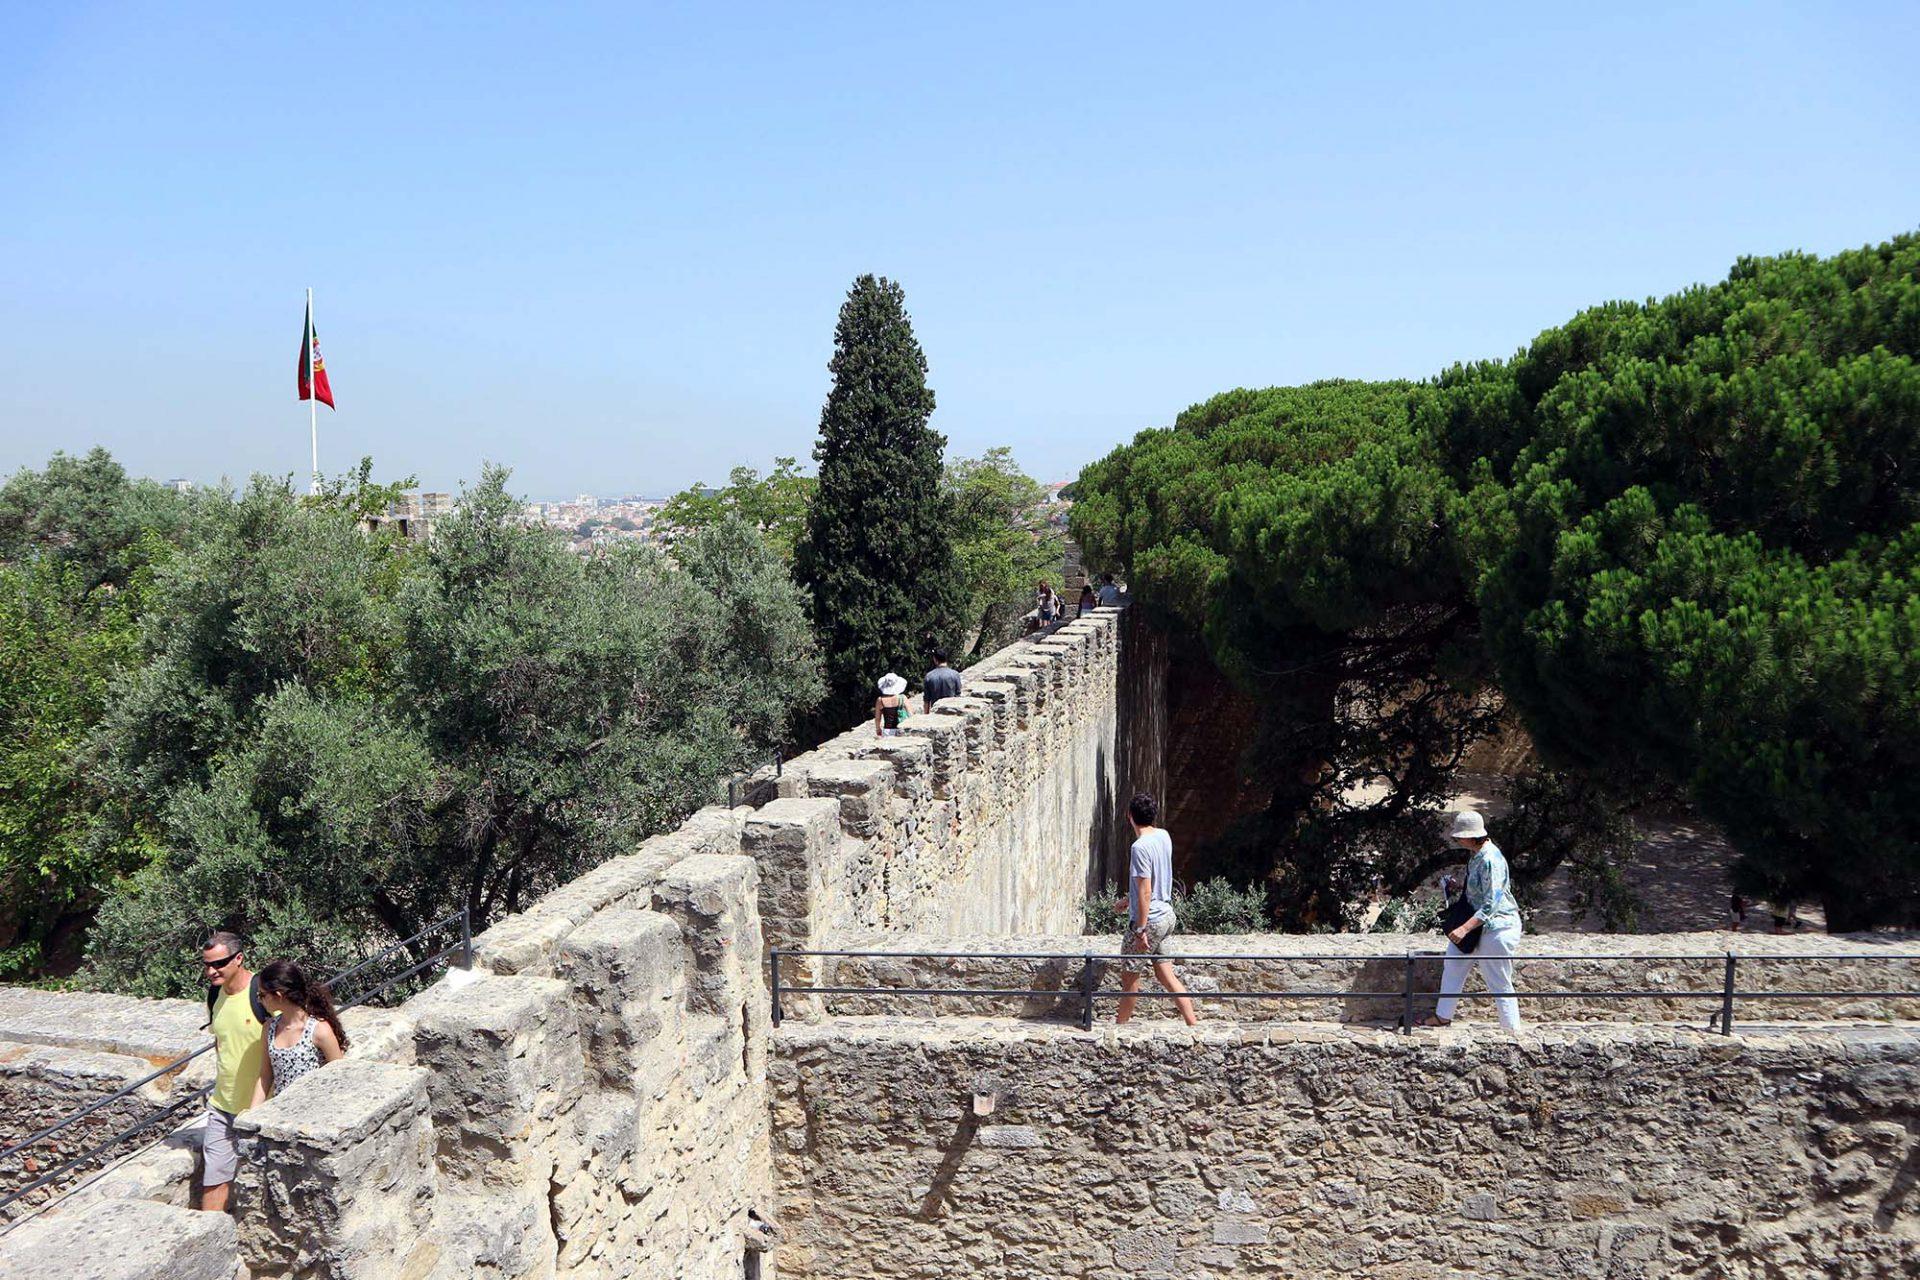 Castelo de São Jorge.  Die mittelalterliche Festungsanlage des heiligen Georg geht bis auf die Westgoten zurück, die sich hier im 5. Jahrhundert niedergelassen hatten. Sie wurde später von den Mauren weiter ausgebaut und 1147 von König Dom Afonso Henriques und seinen Truppen zurückerobert. Die Zitadelle diente lange als königliche Residenz und wurde beim großen Erdbeben 1755 weitgehend zerstört.